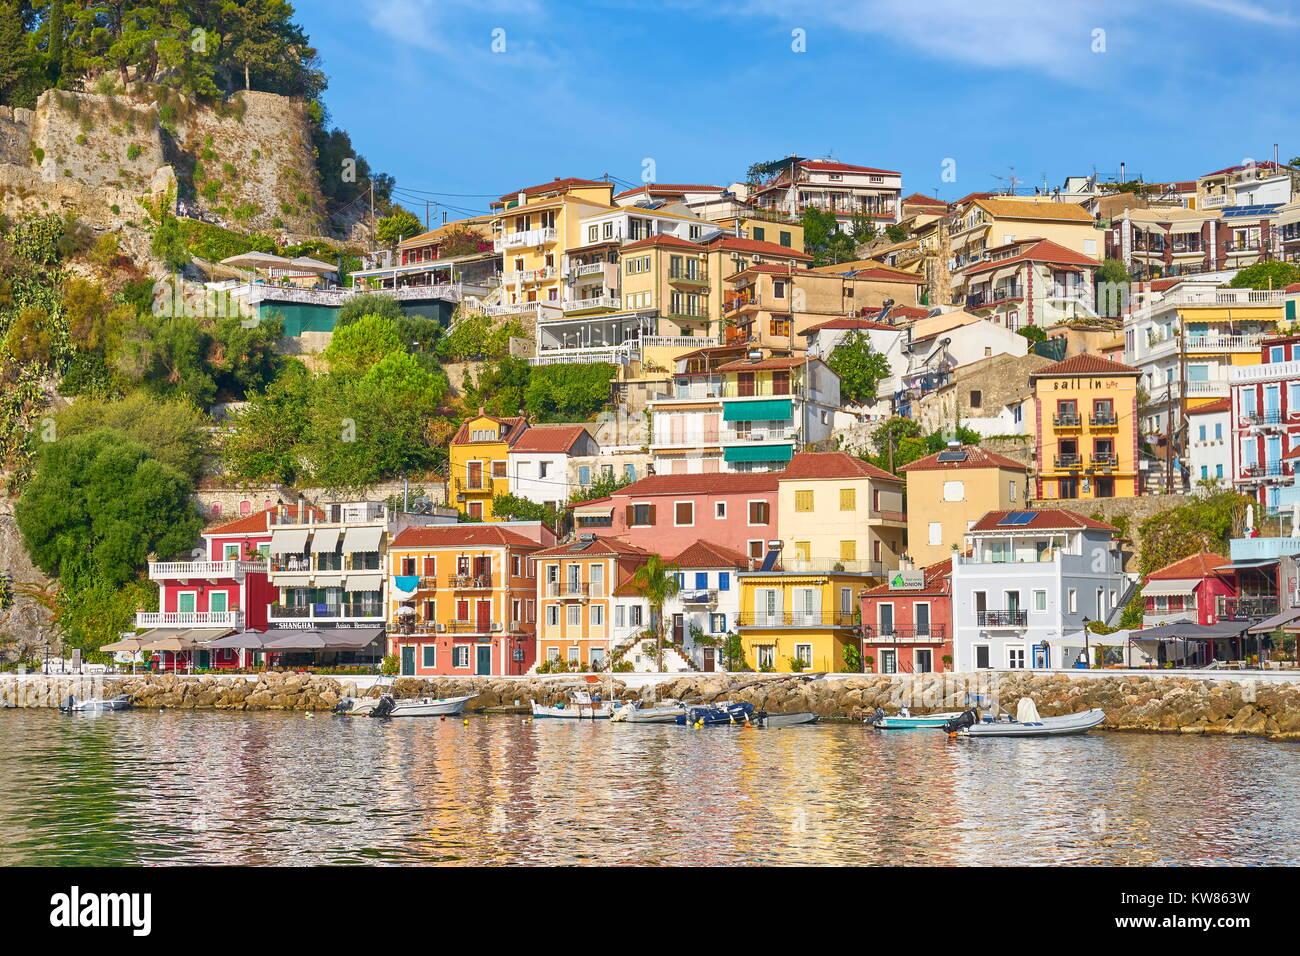 Maisons peintes en couleurs à Parga, Grèce resort Photo Stock